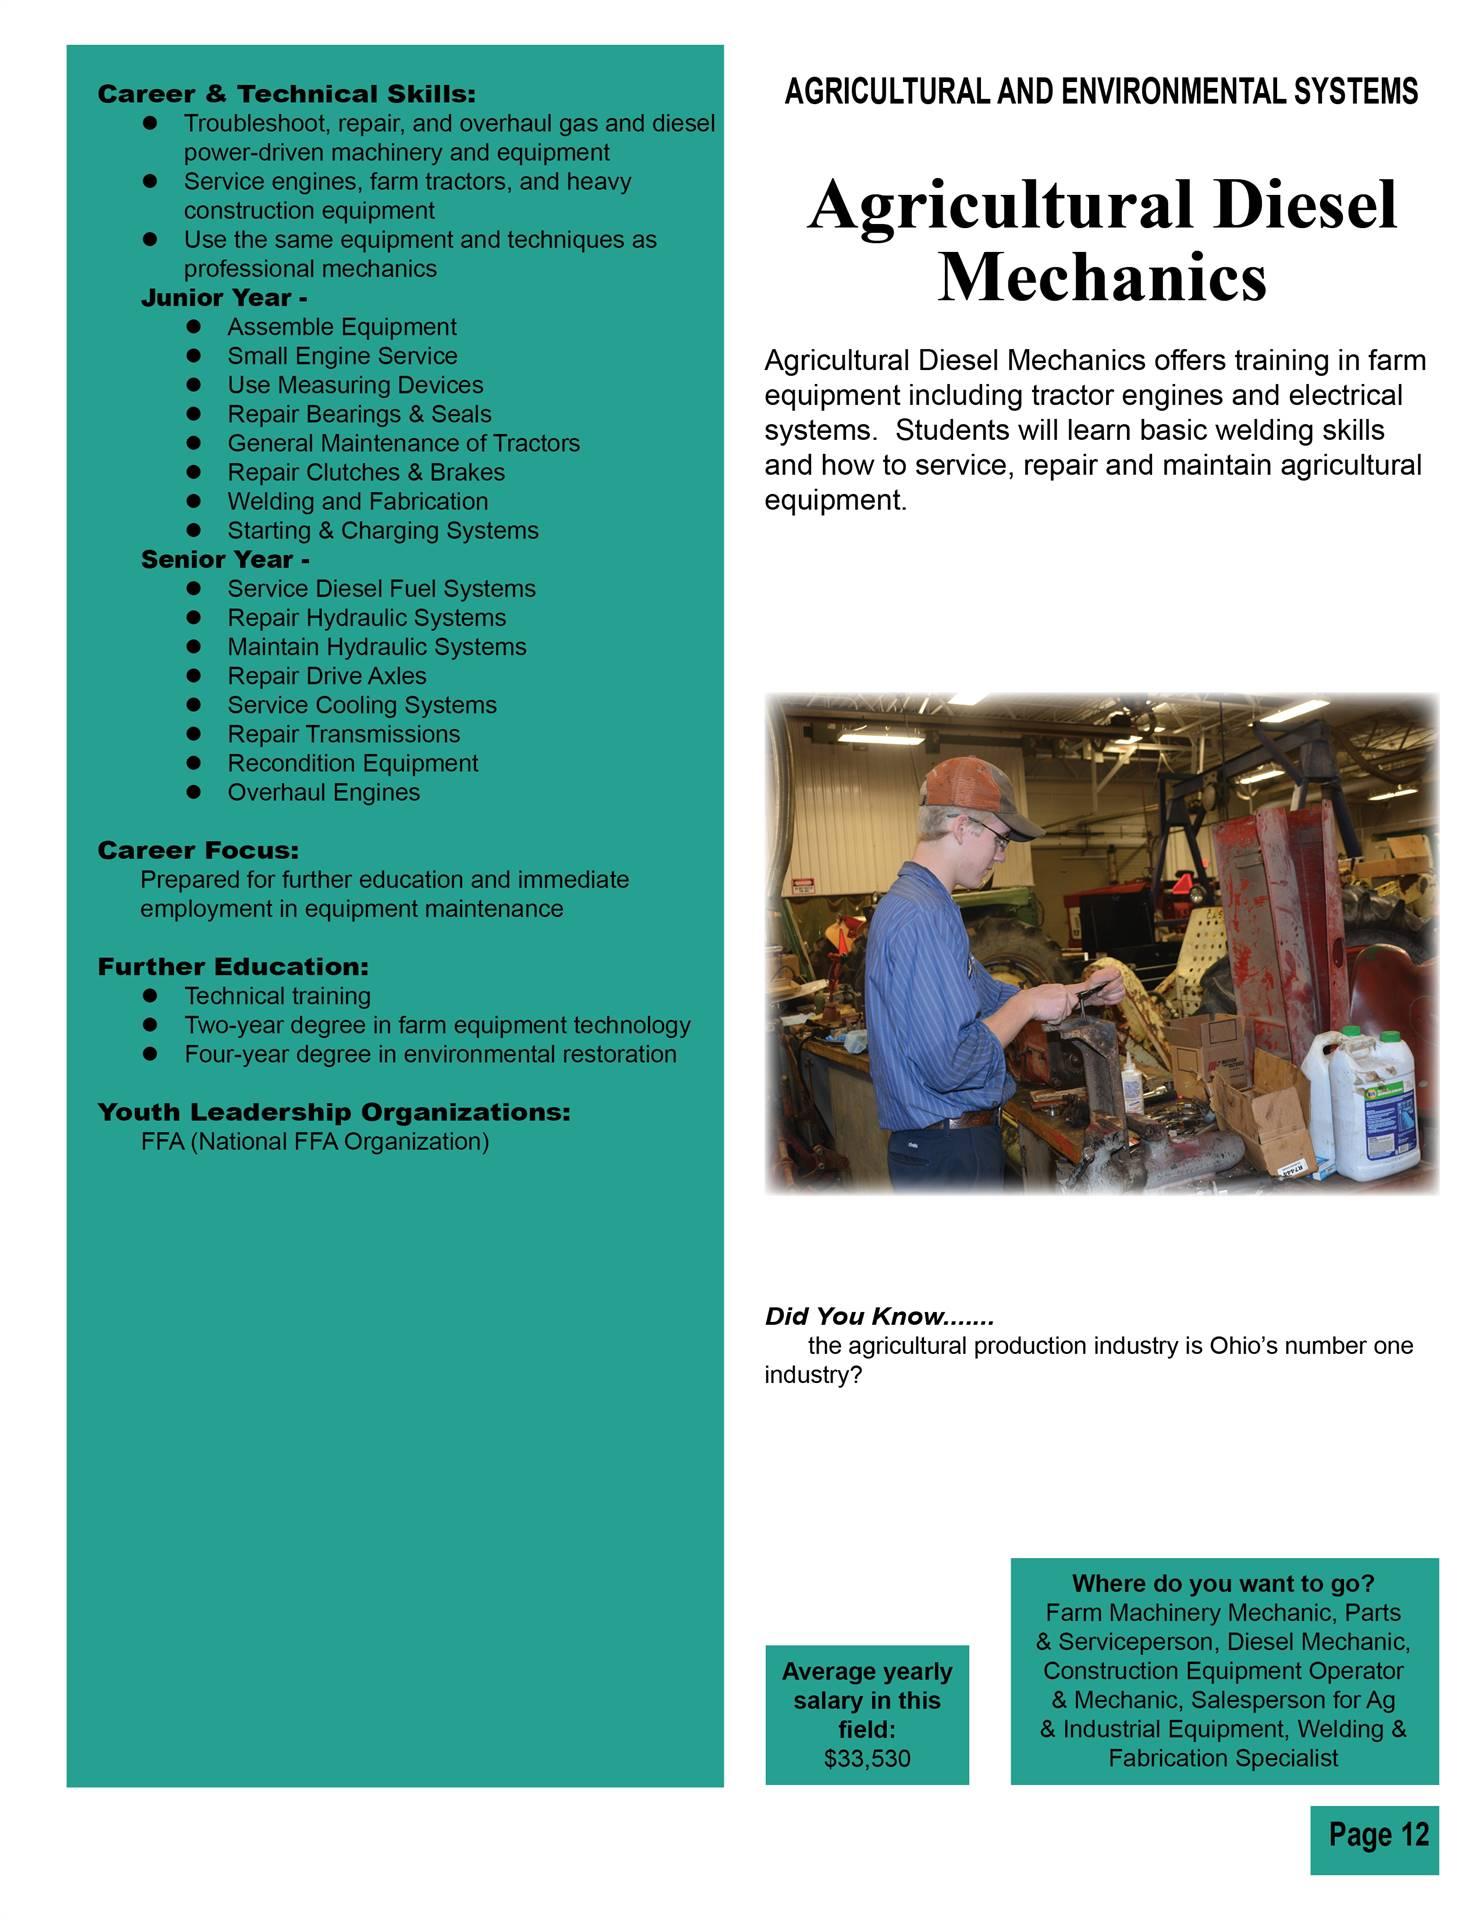 Ag Diesel Mechanics